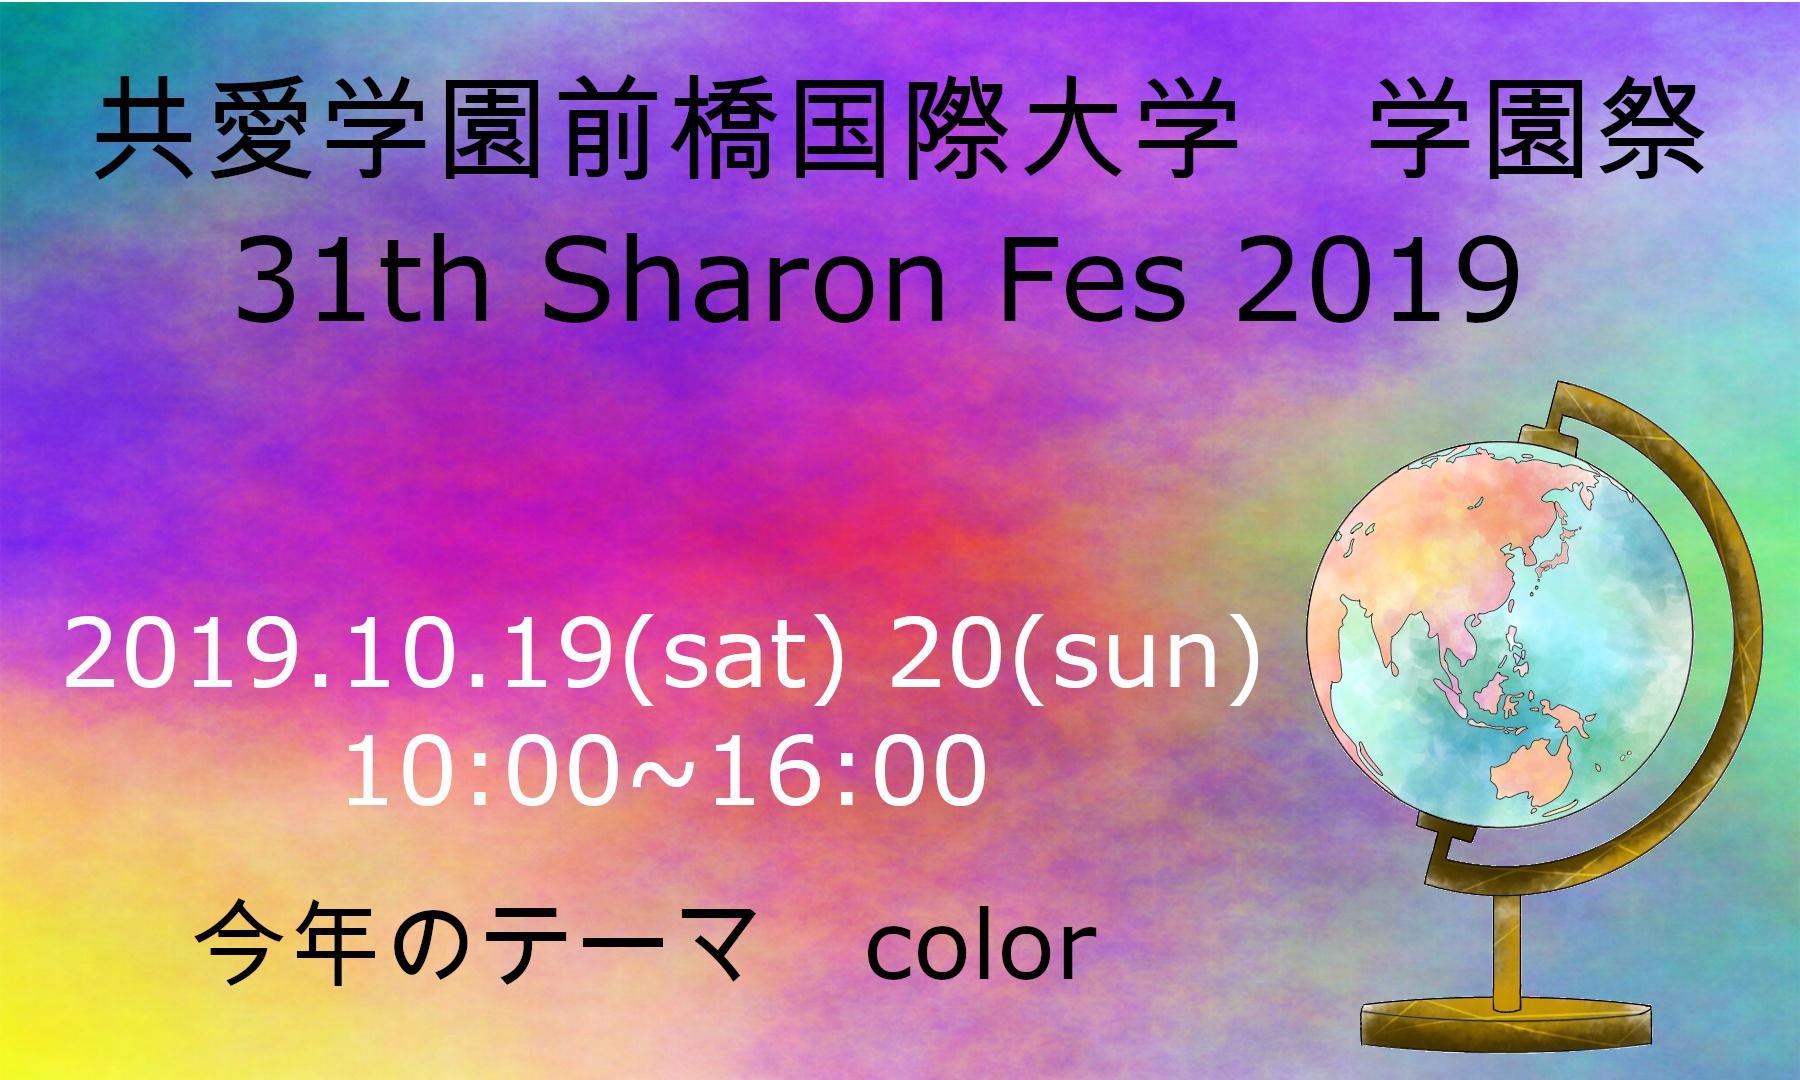 第31回 シャロン祭